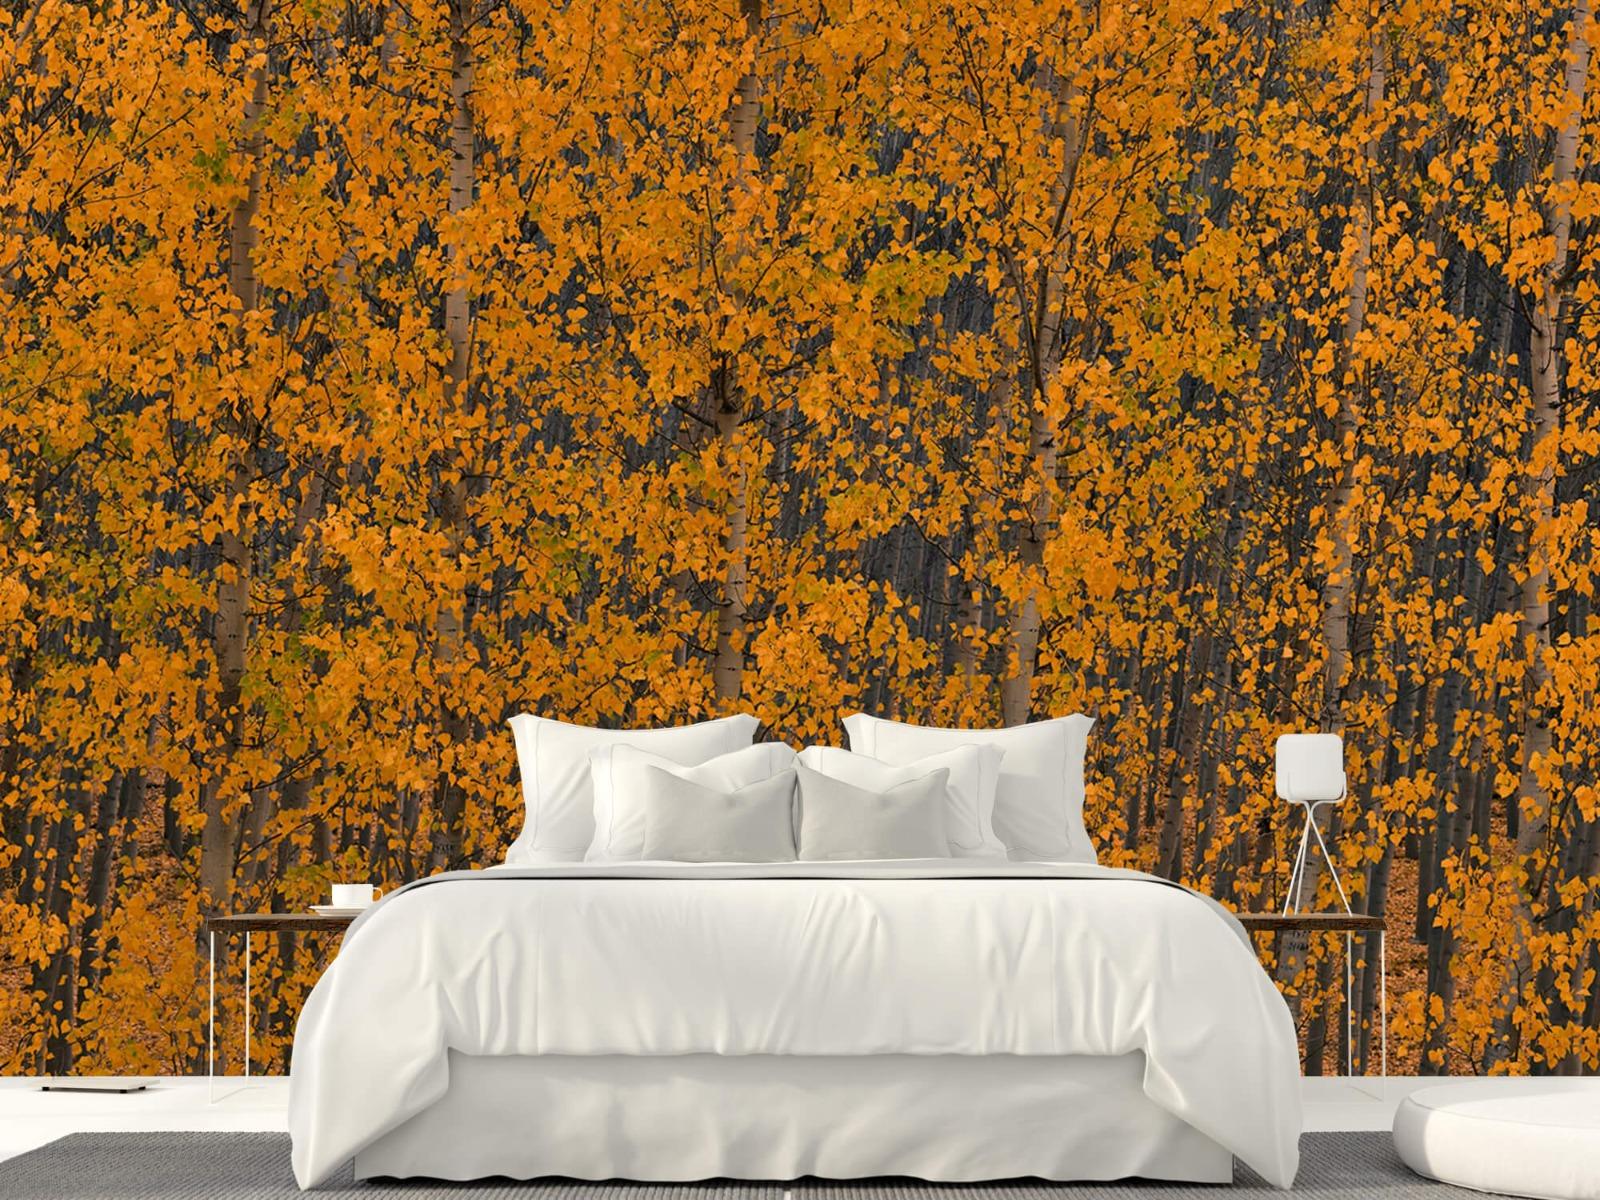 Herfst - Populieren bos - Slaapkamer 22